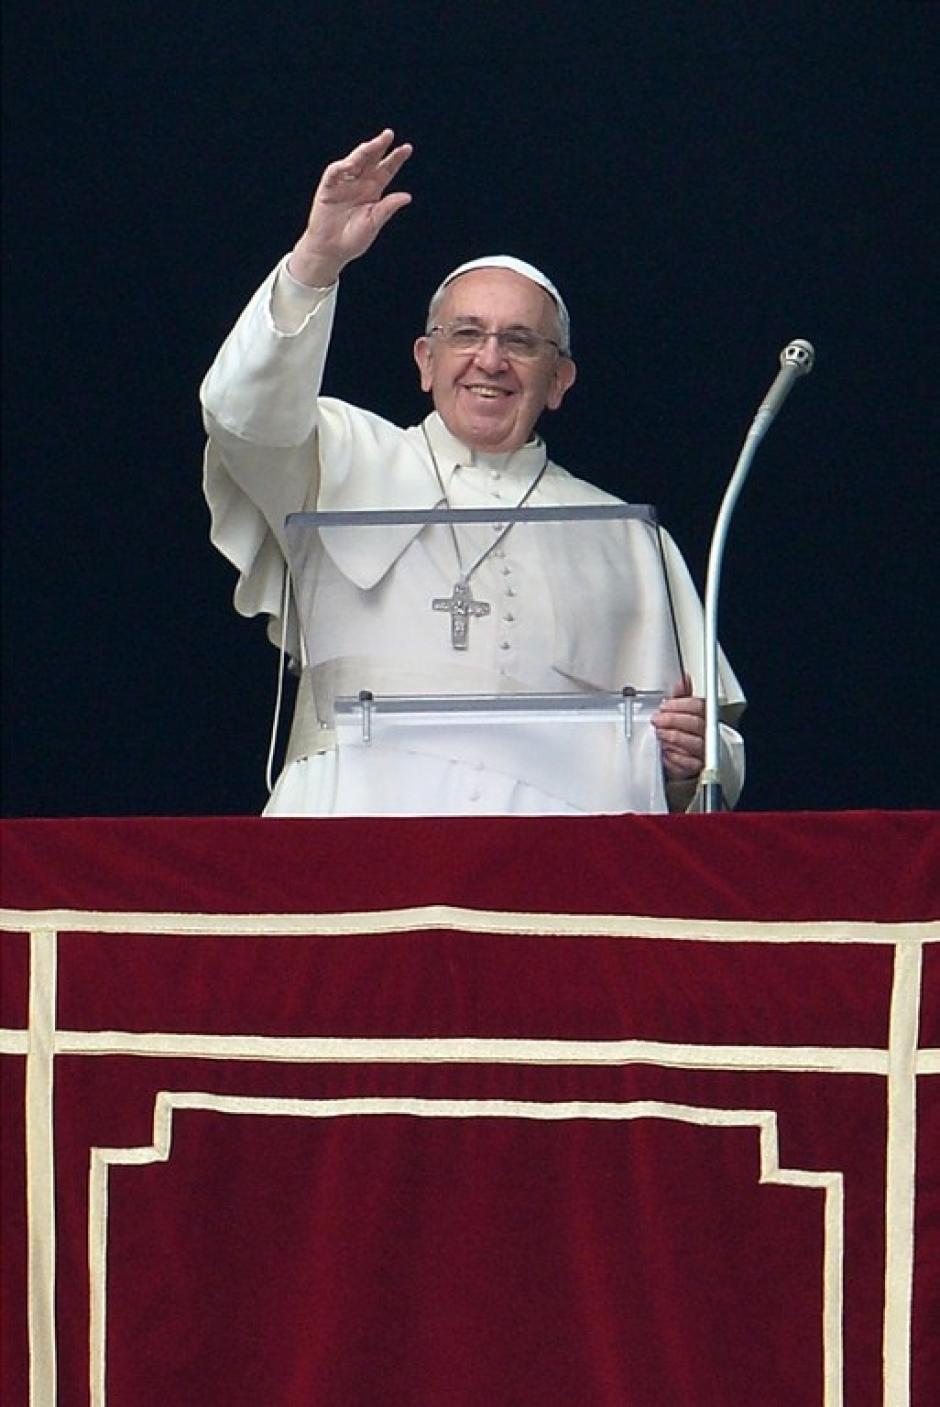 Después de la reunión con los niños del dispensario, el Papa Francisco salió a rezar el Angelus como usualmente lo hace cada domingo. Foto AFP